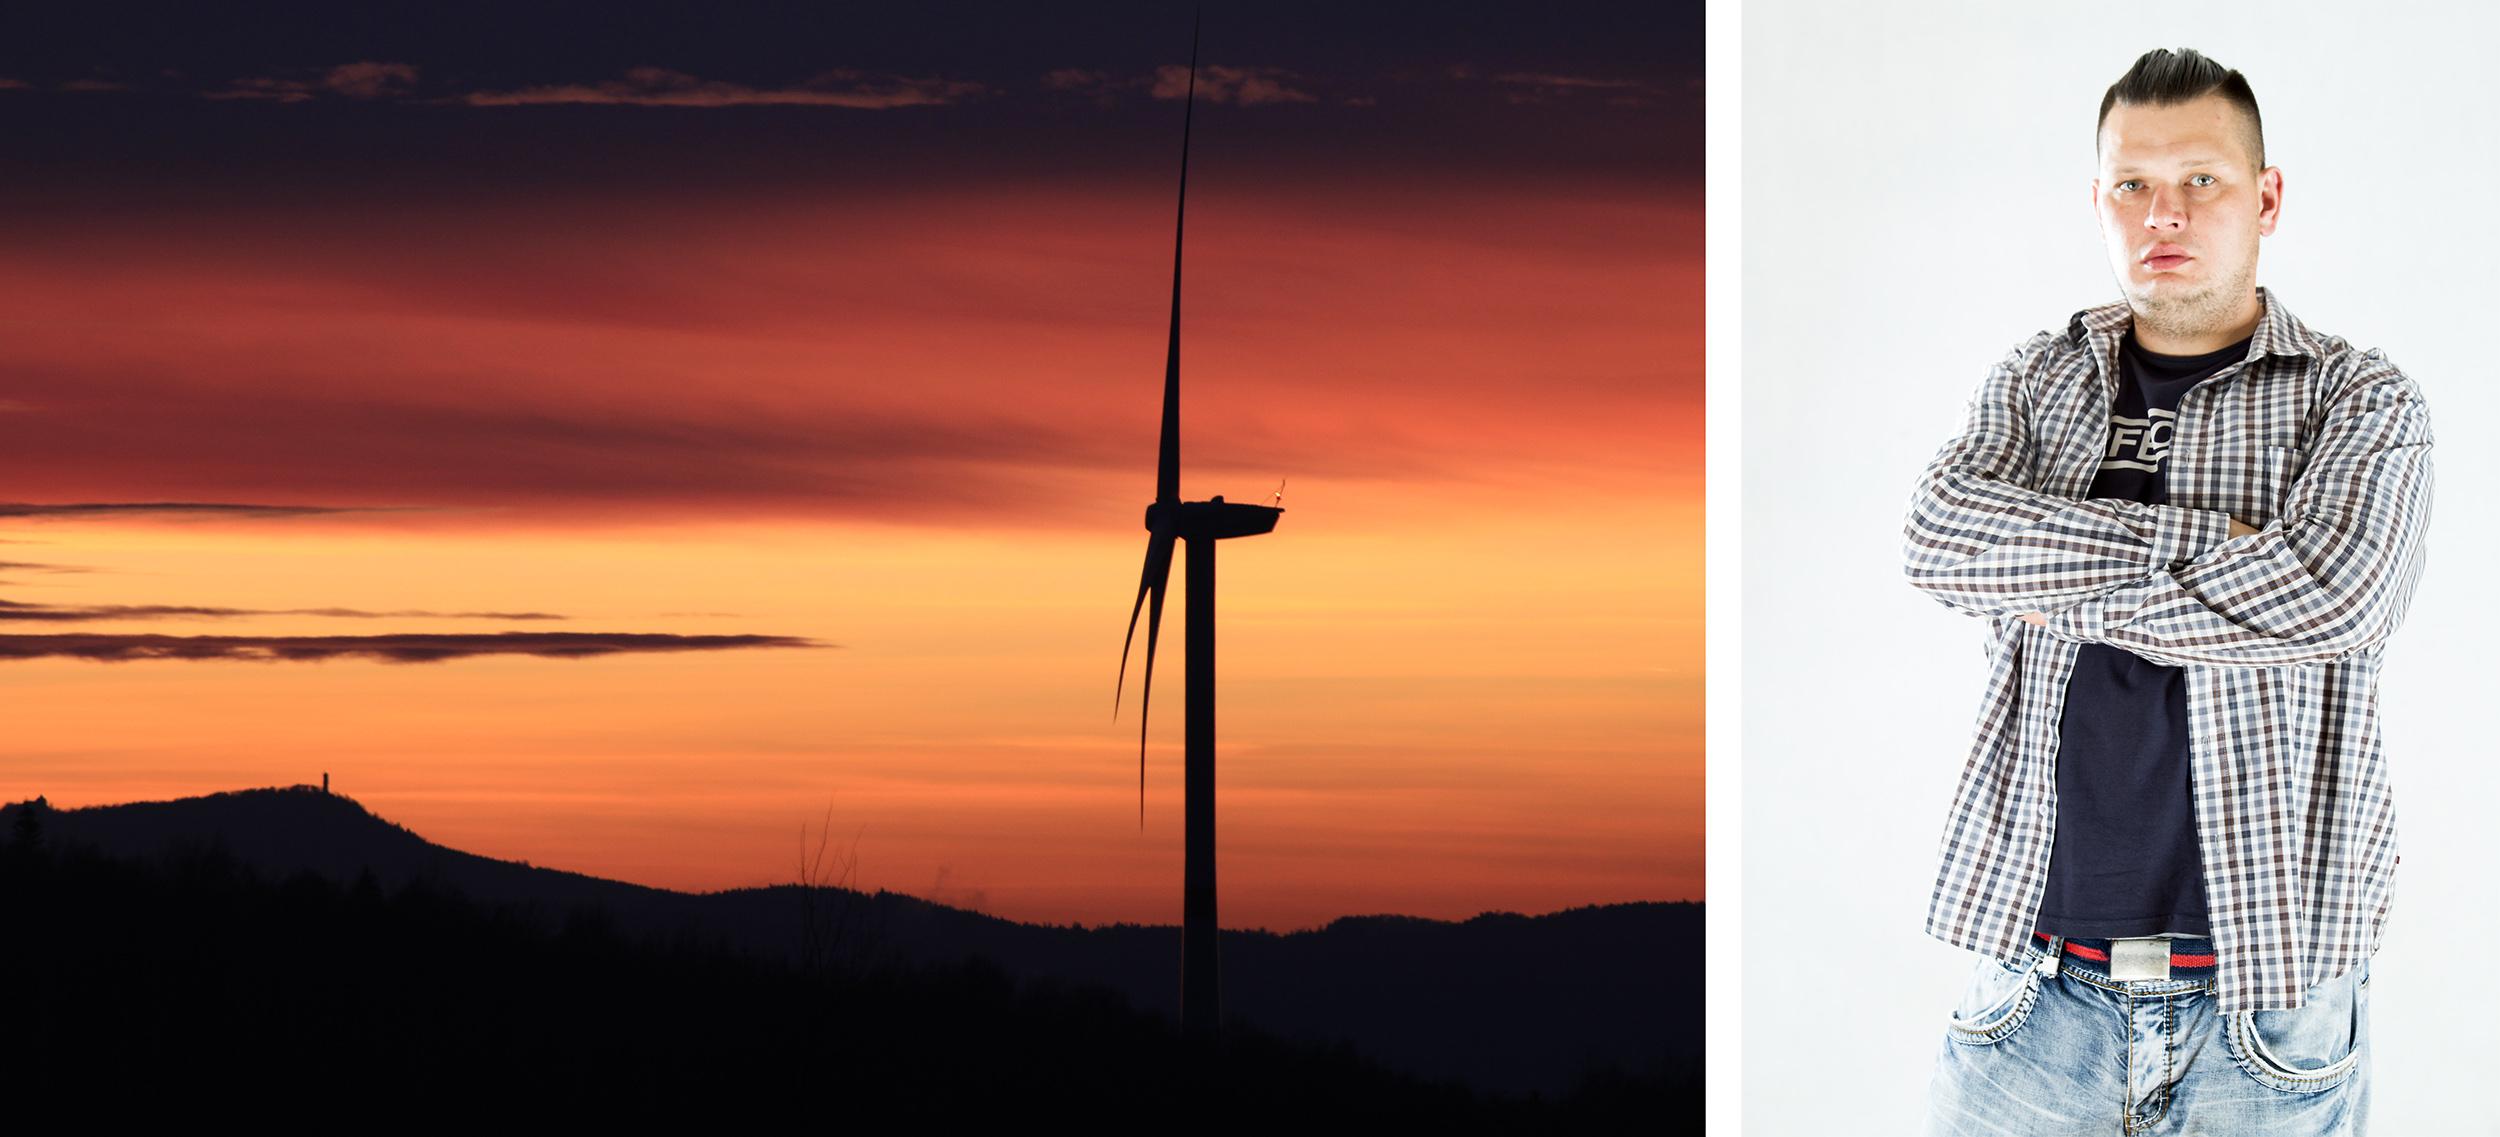 wiatrak kolaż_konkurs fotograficzny najpiękniejsze w energetyce